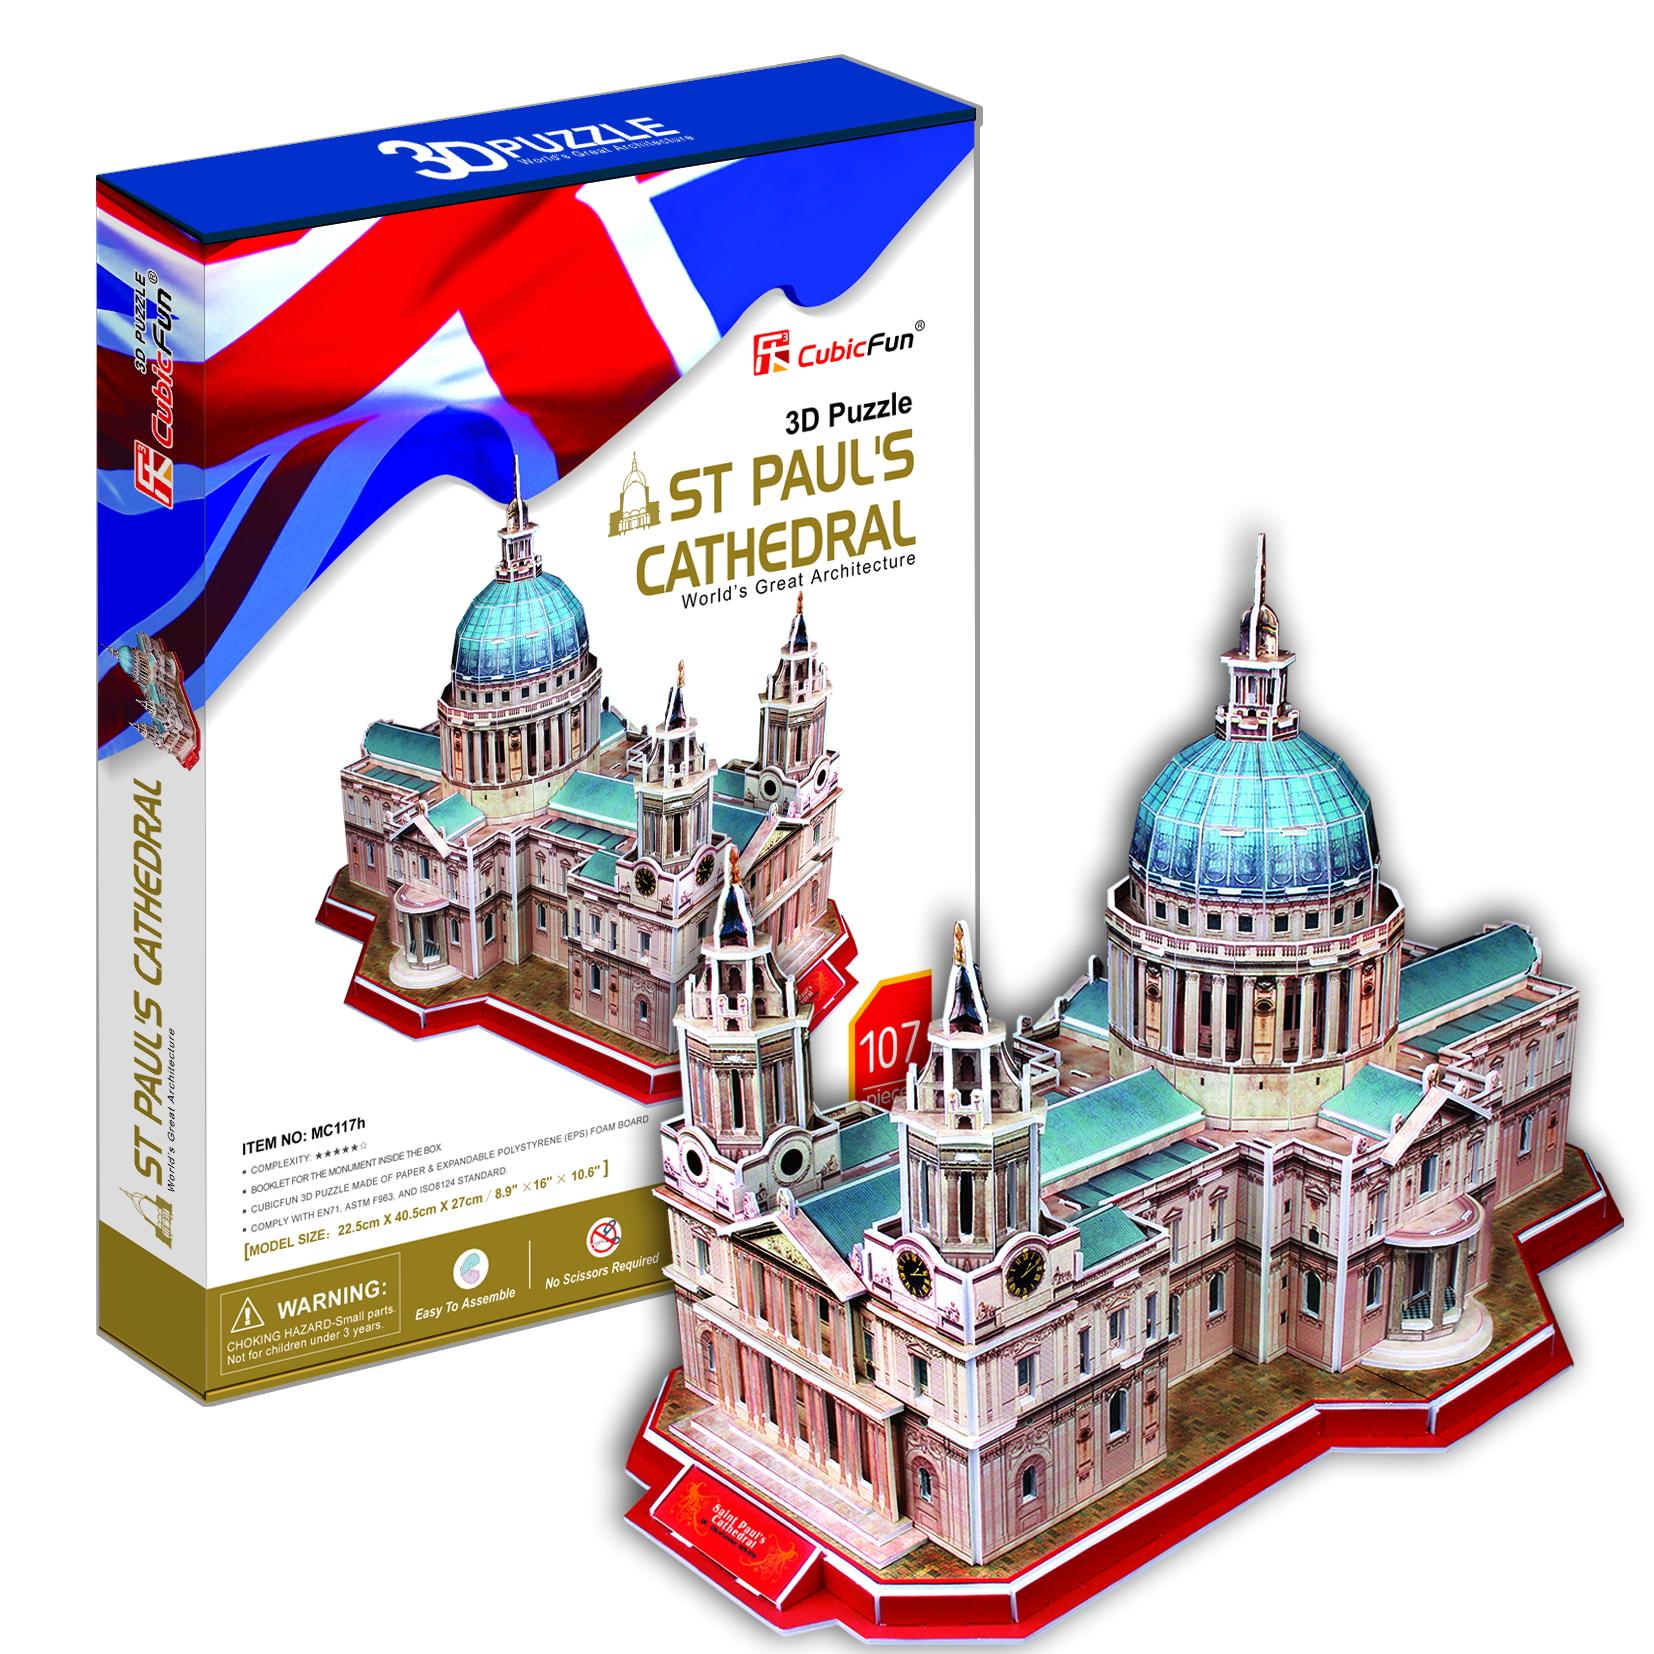 Mô Hình Giấy Cubic Fun: St Paul's Cathedral [MC117h]